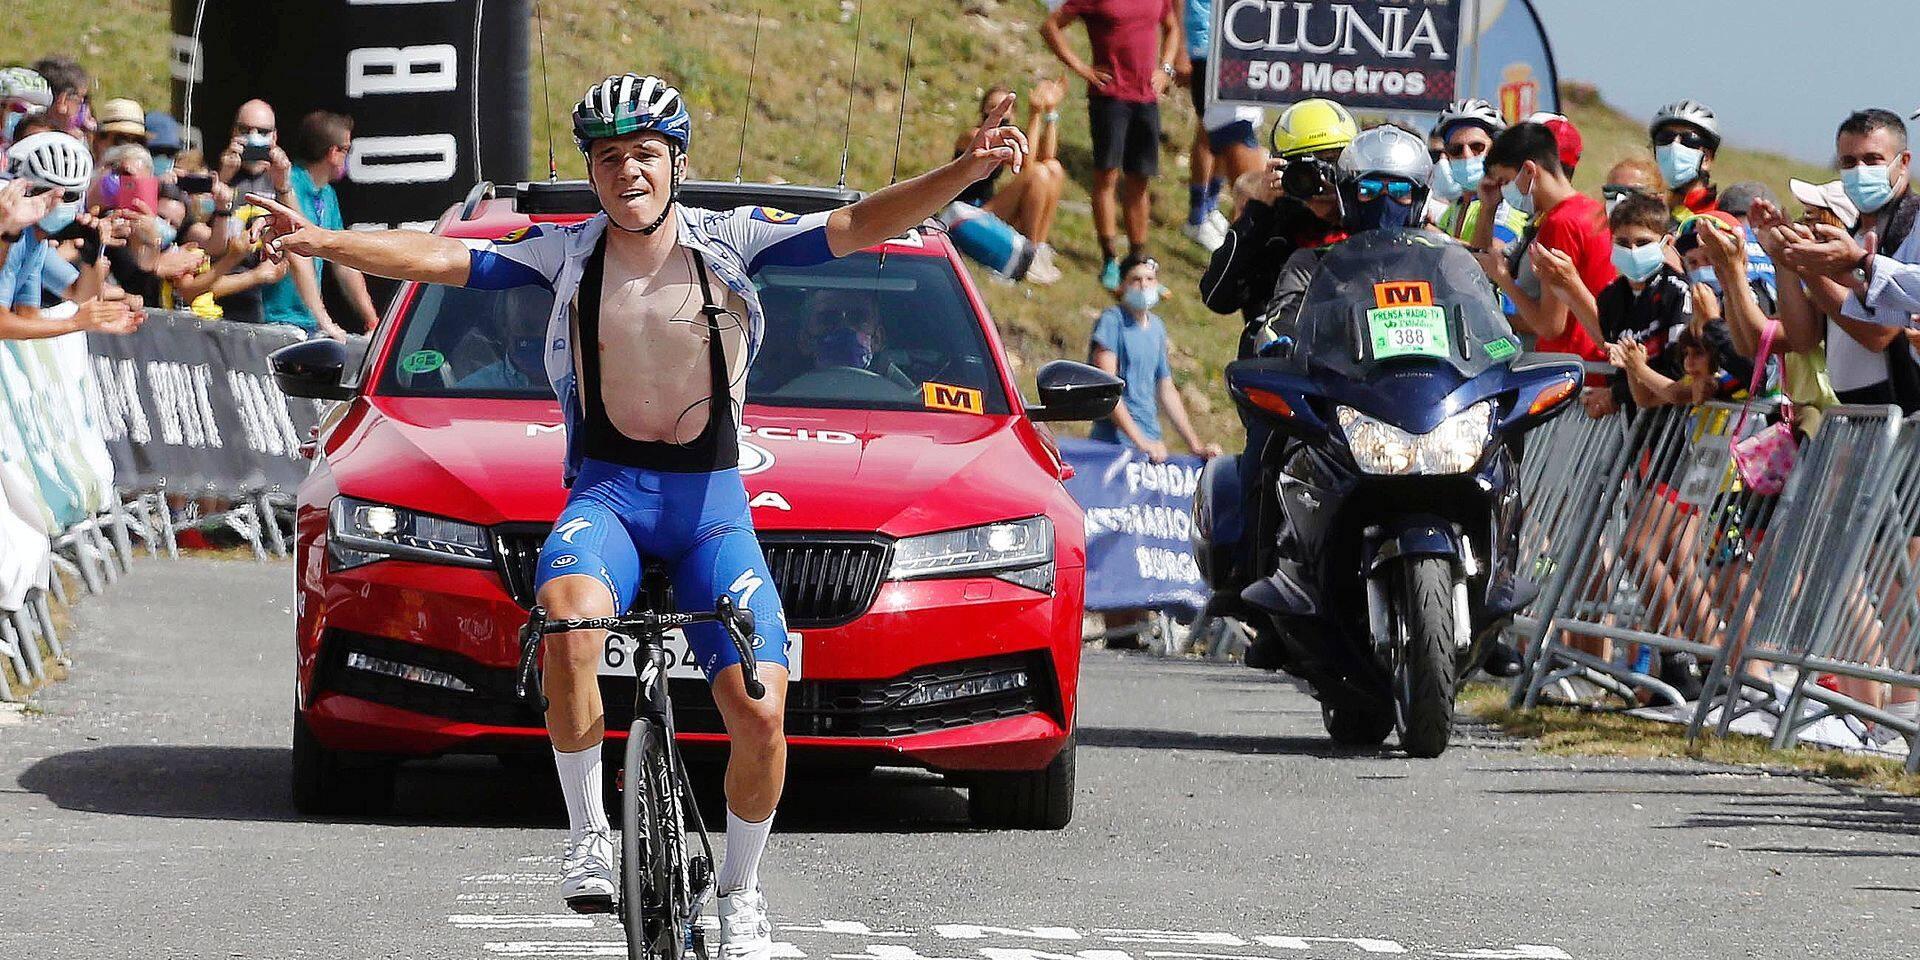 """""""Dans deux ou trois ans, Remco sera imbattable"""": Landa, Bernal, Pinot, Contador, Boonen, les grands noms du peloton commentent les performances d'Evenepoel"""